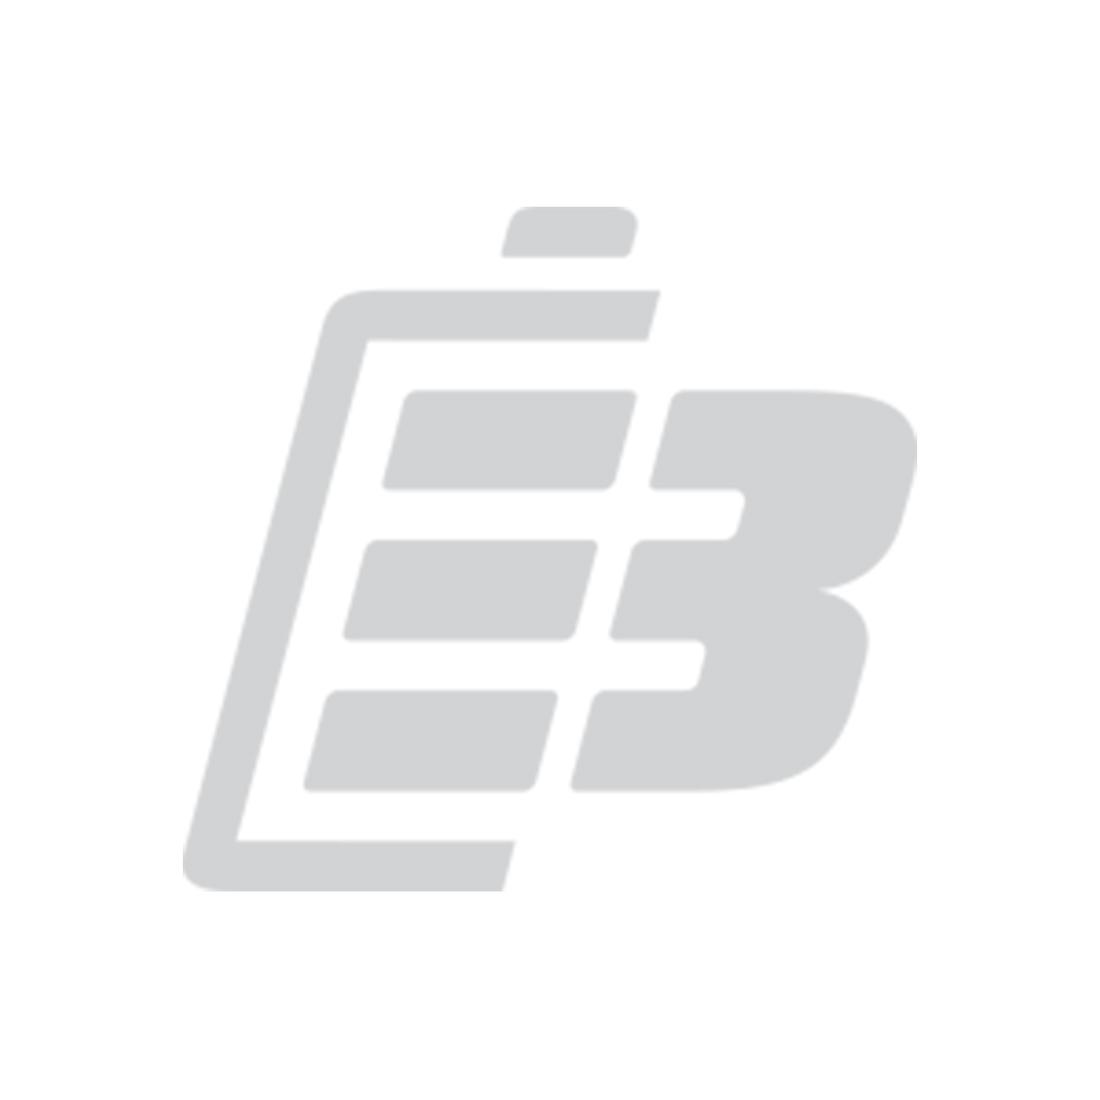 Μπαταρία Laptop Asus VivoBook S200_1